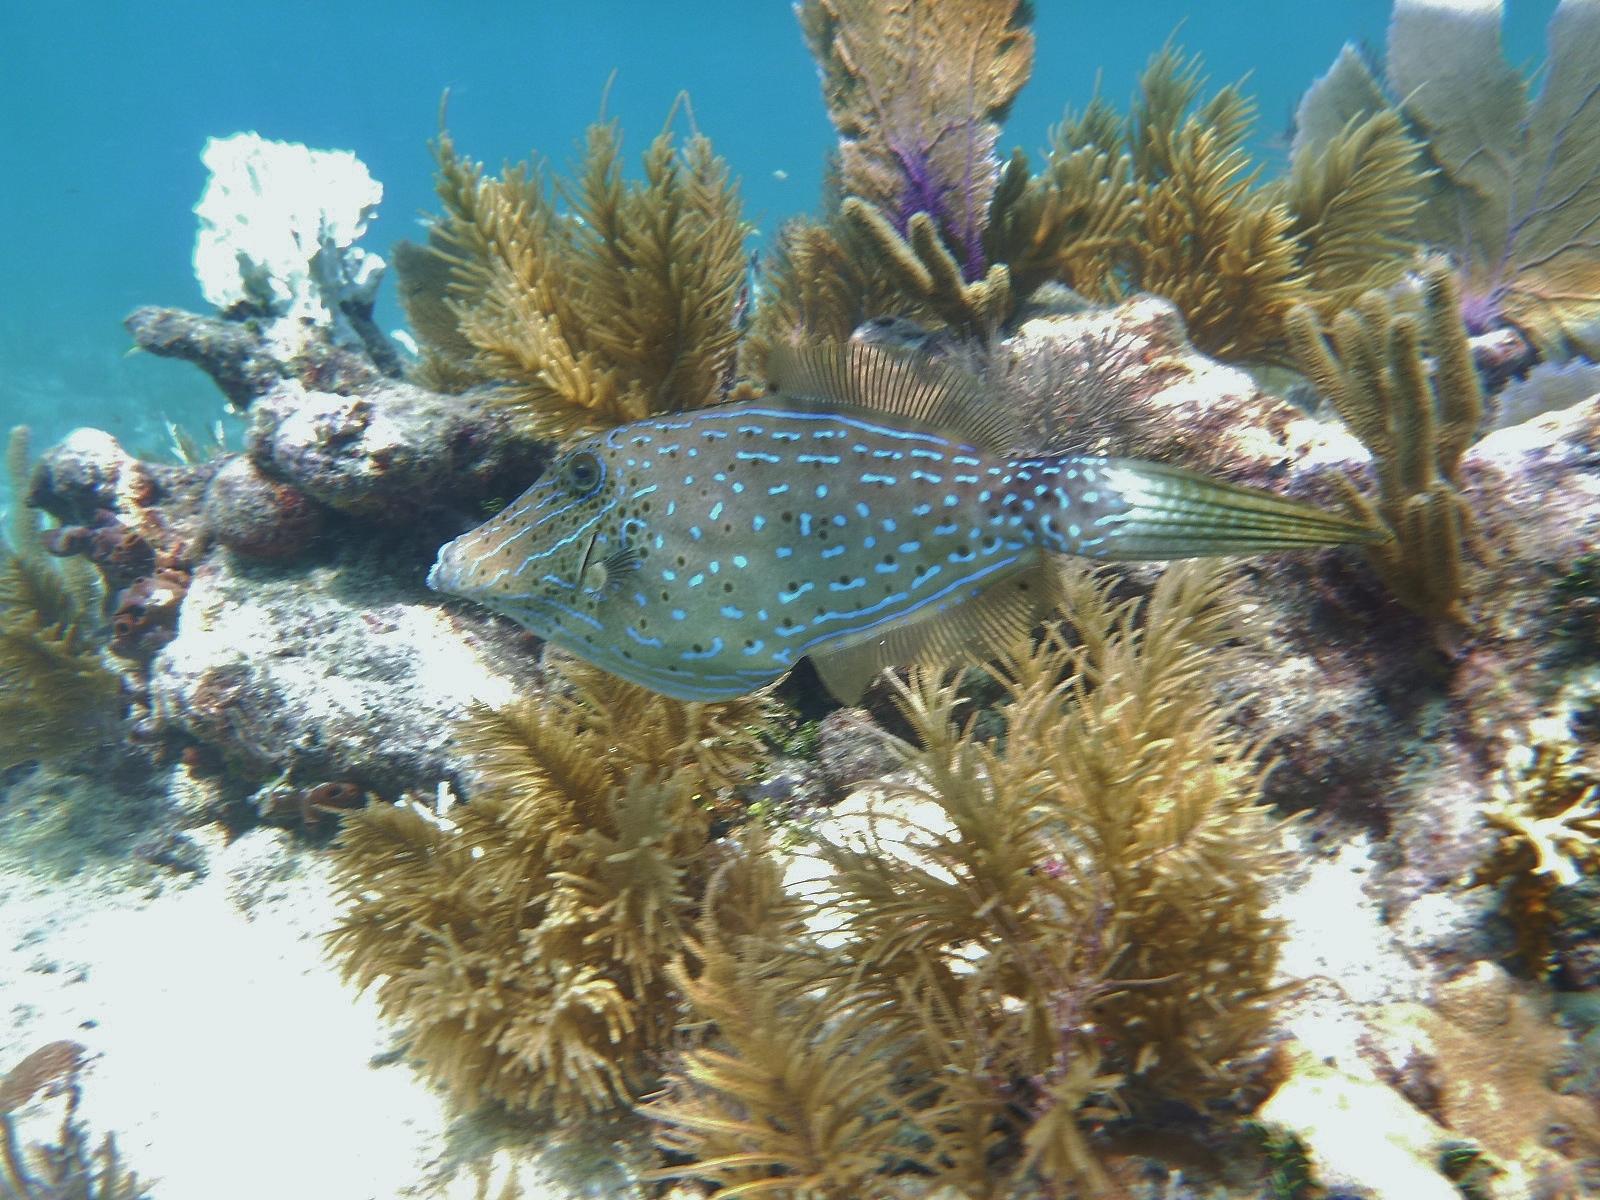 NiceScrawledFilefish.jpeg